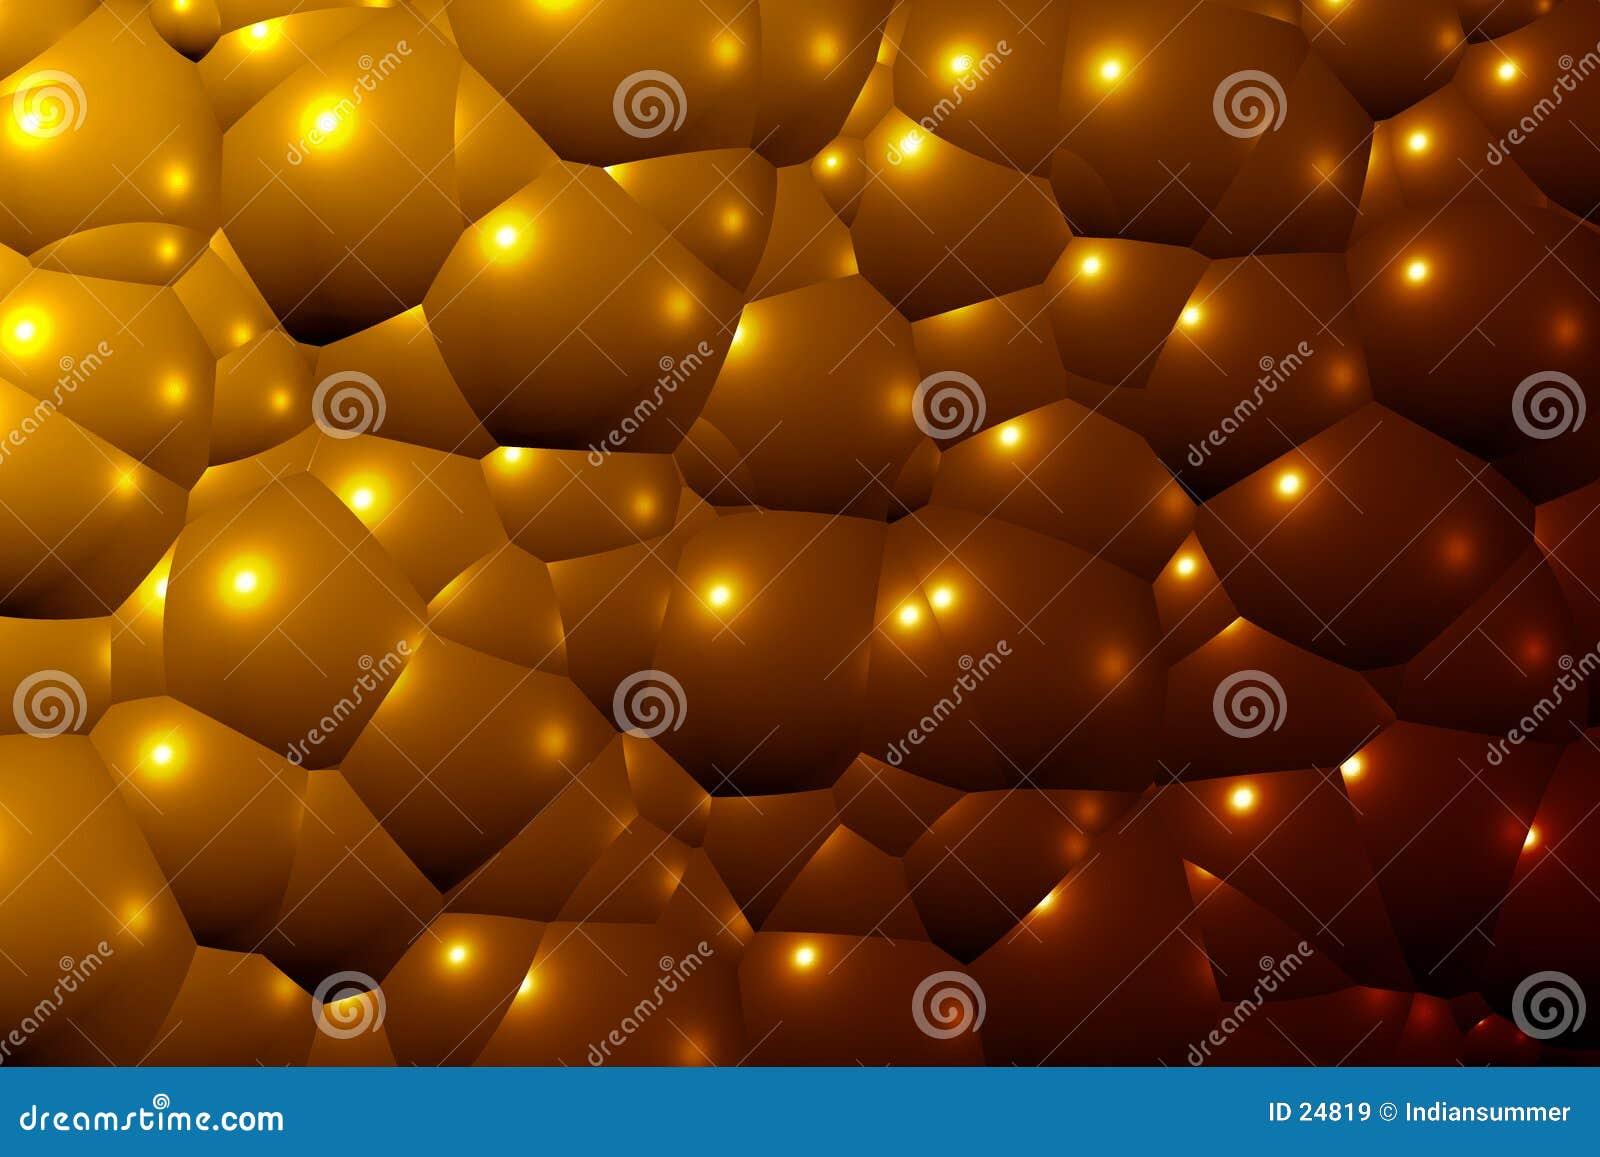 Configuration de bulles